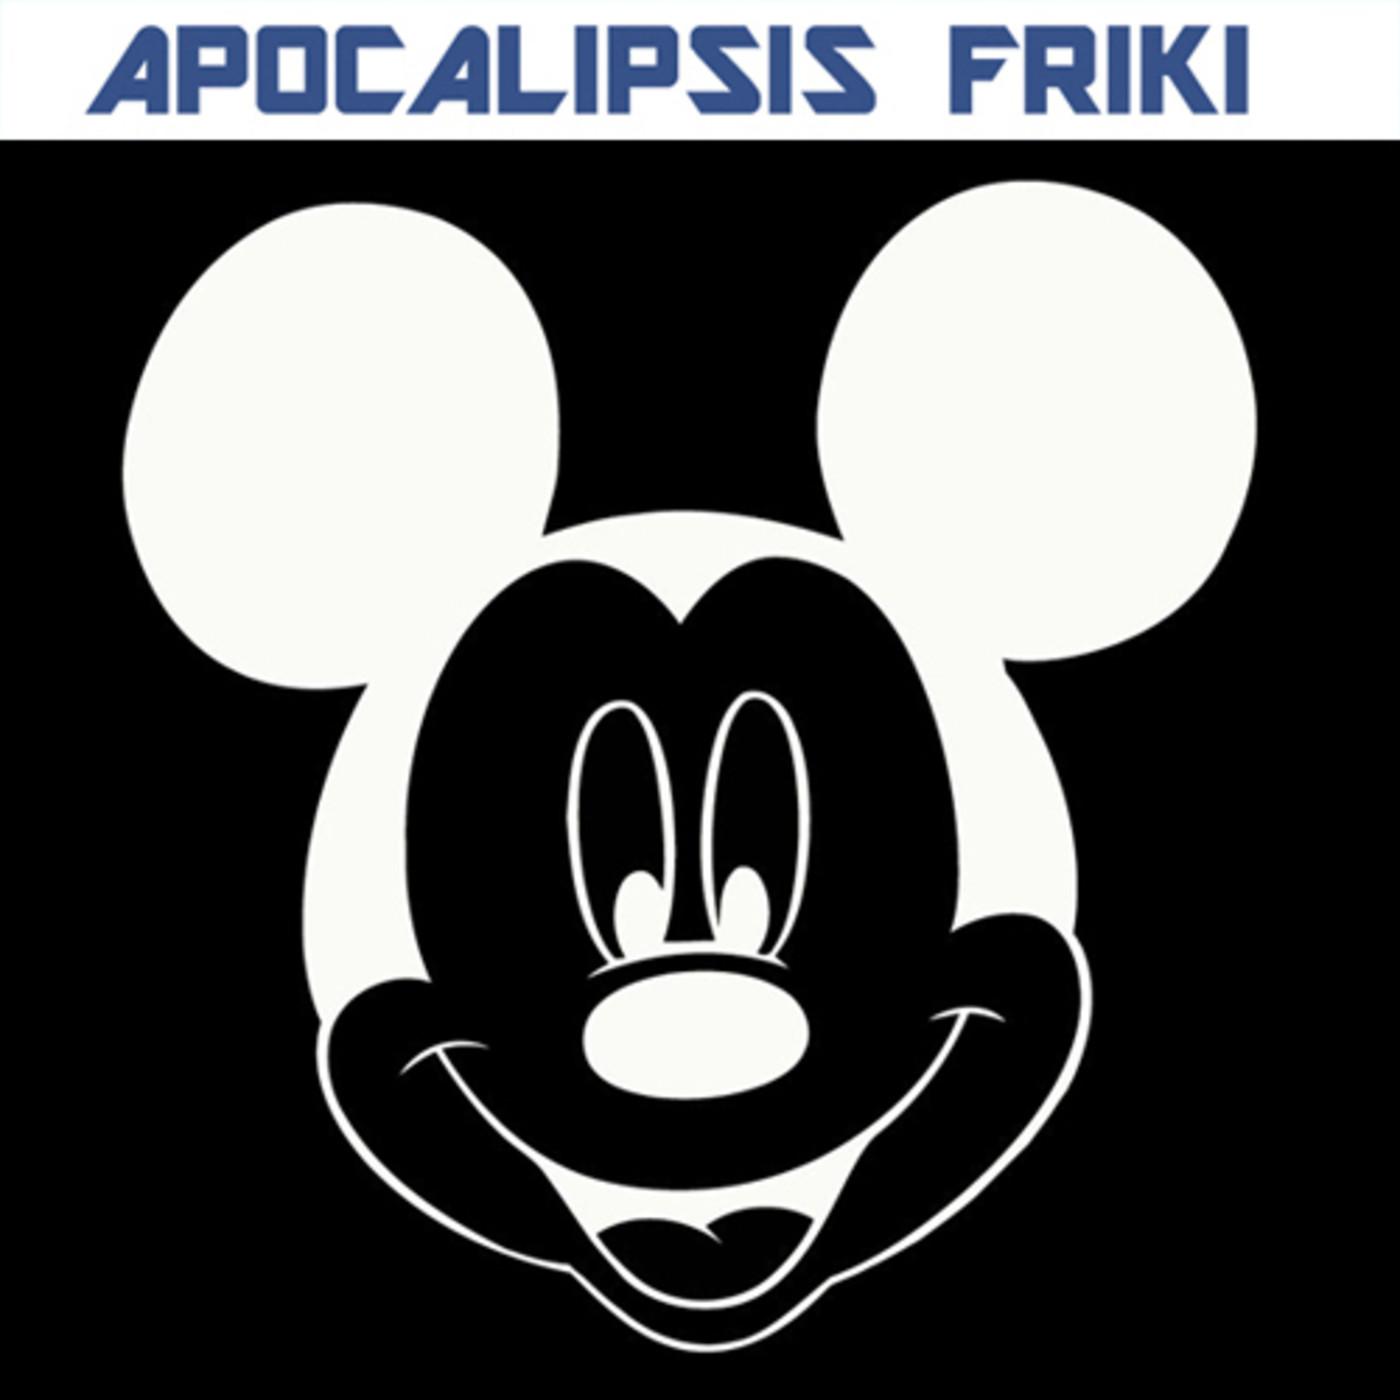 Apocalipsis Friki 084 - Los Años Oscuros de Disney / Anime y Disney